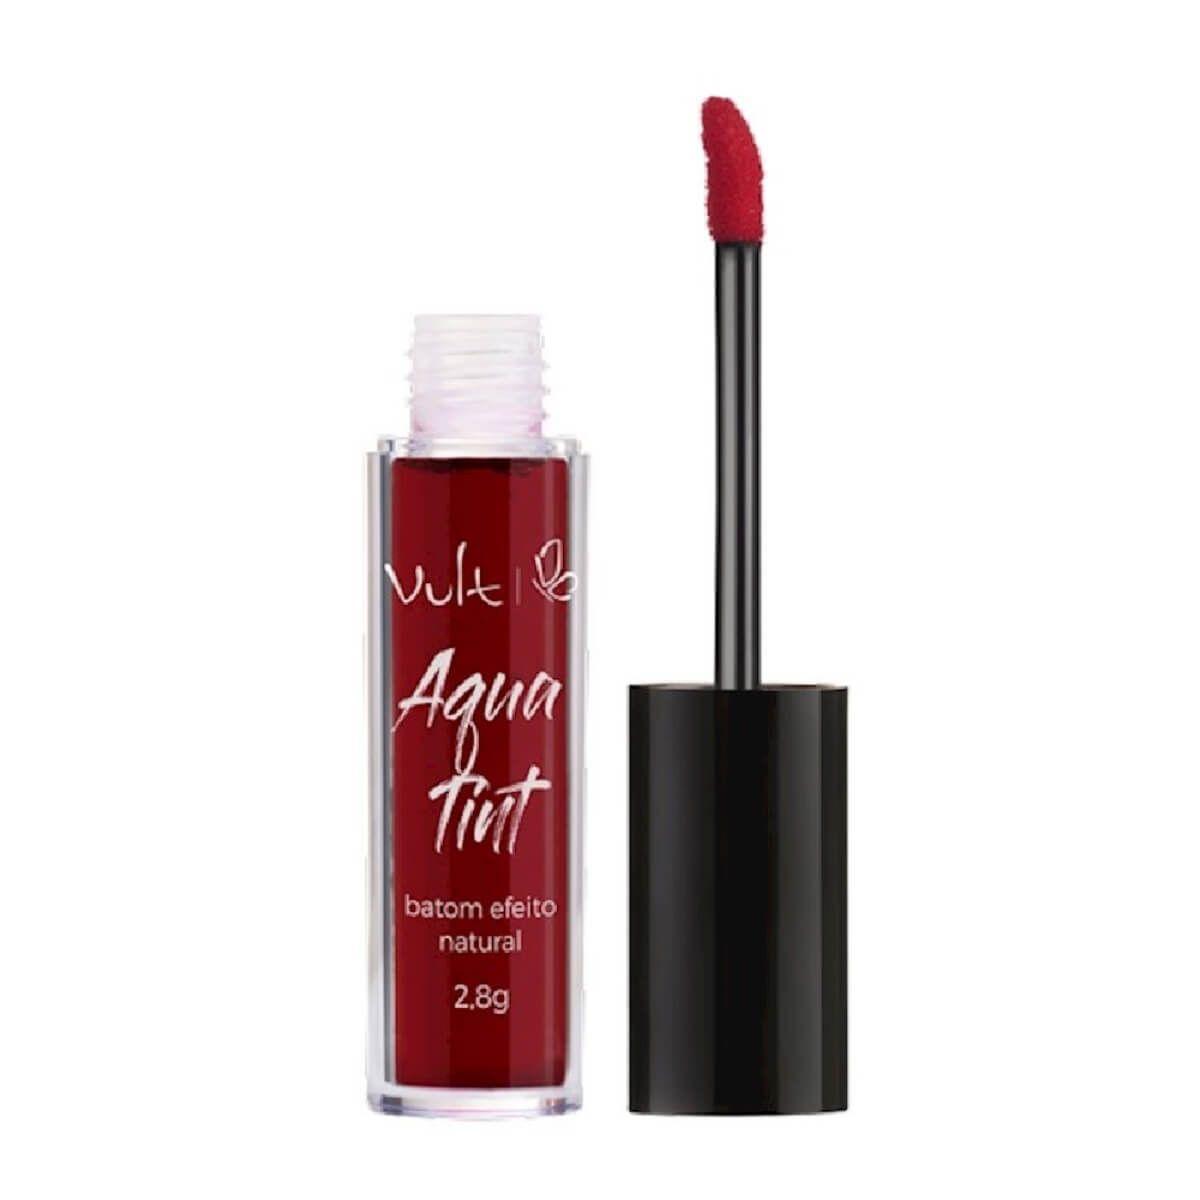 Lip Tint Aqua Tint  Cor: Aqua Red - 2,8g - Vult